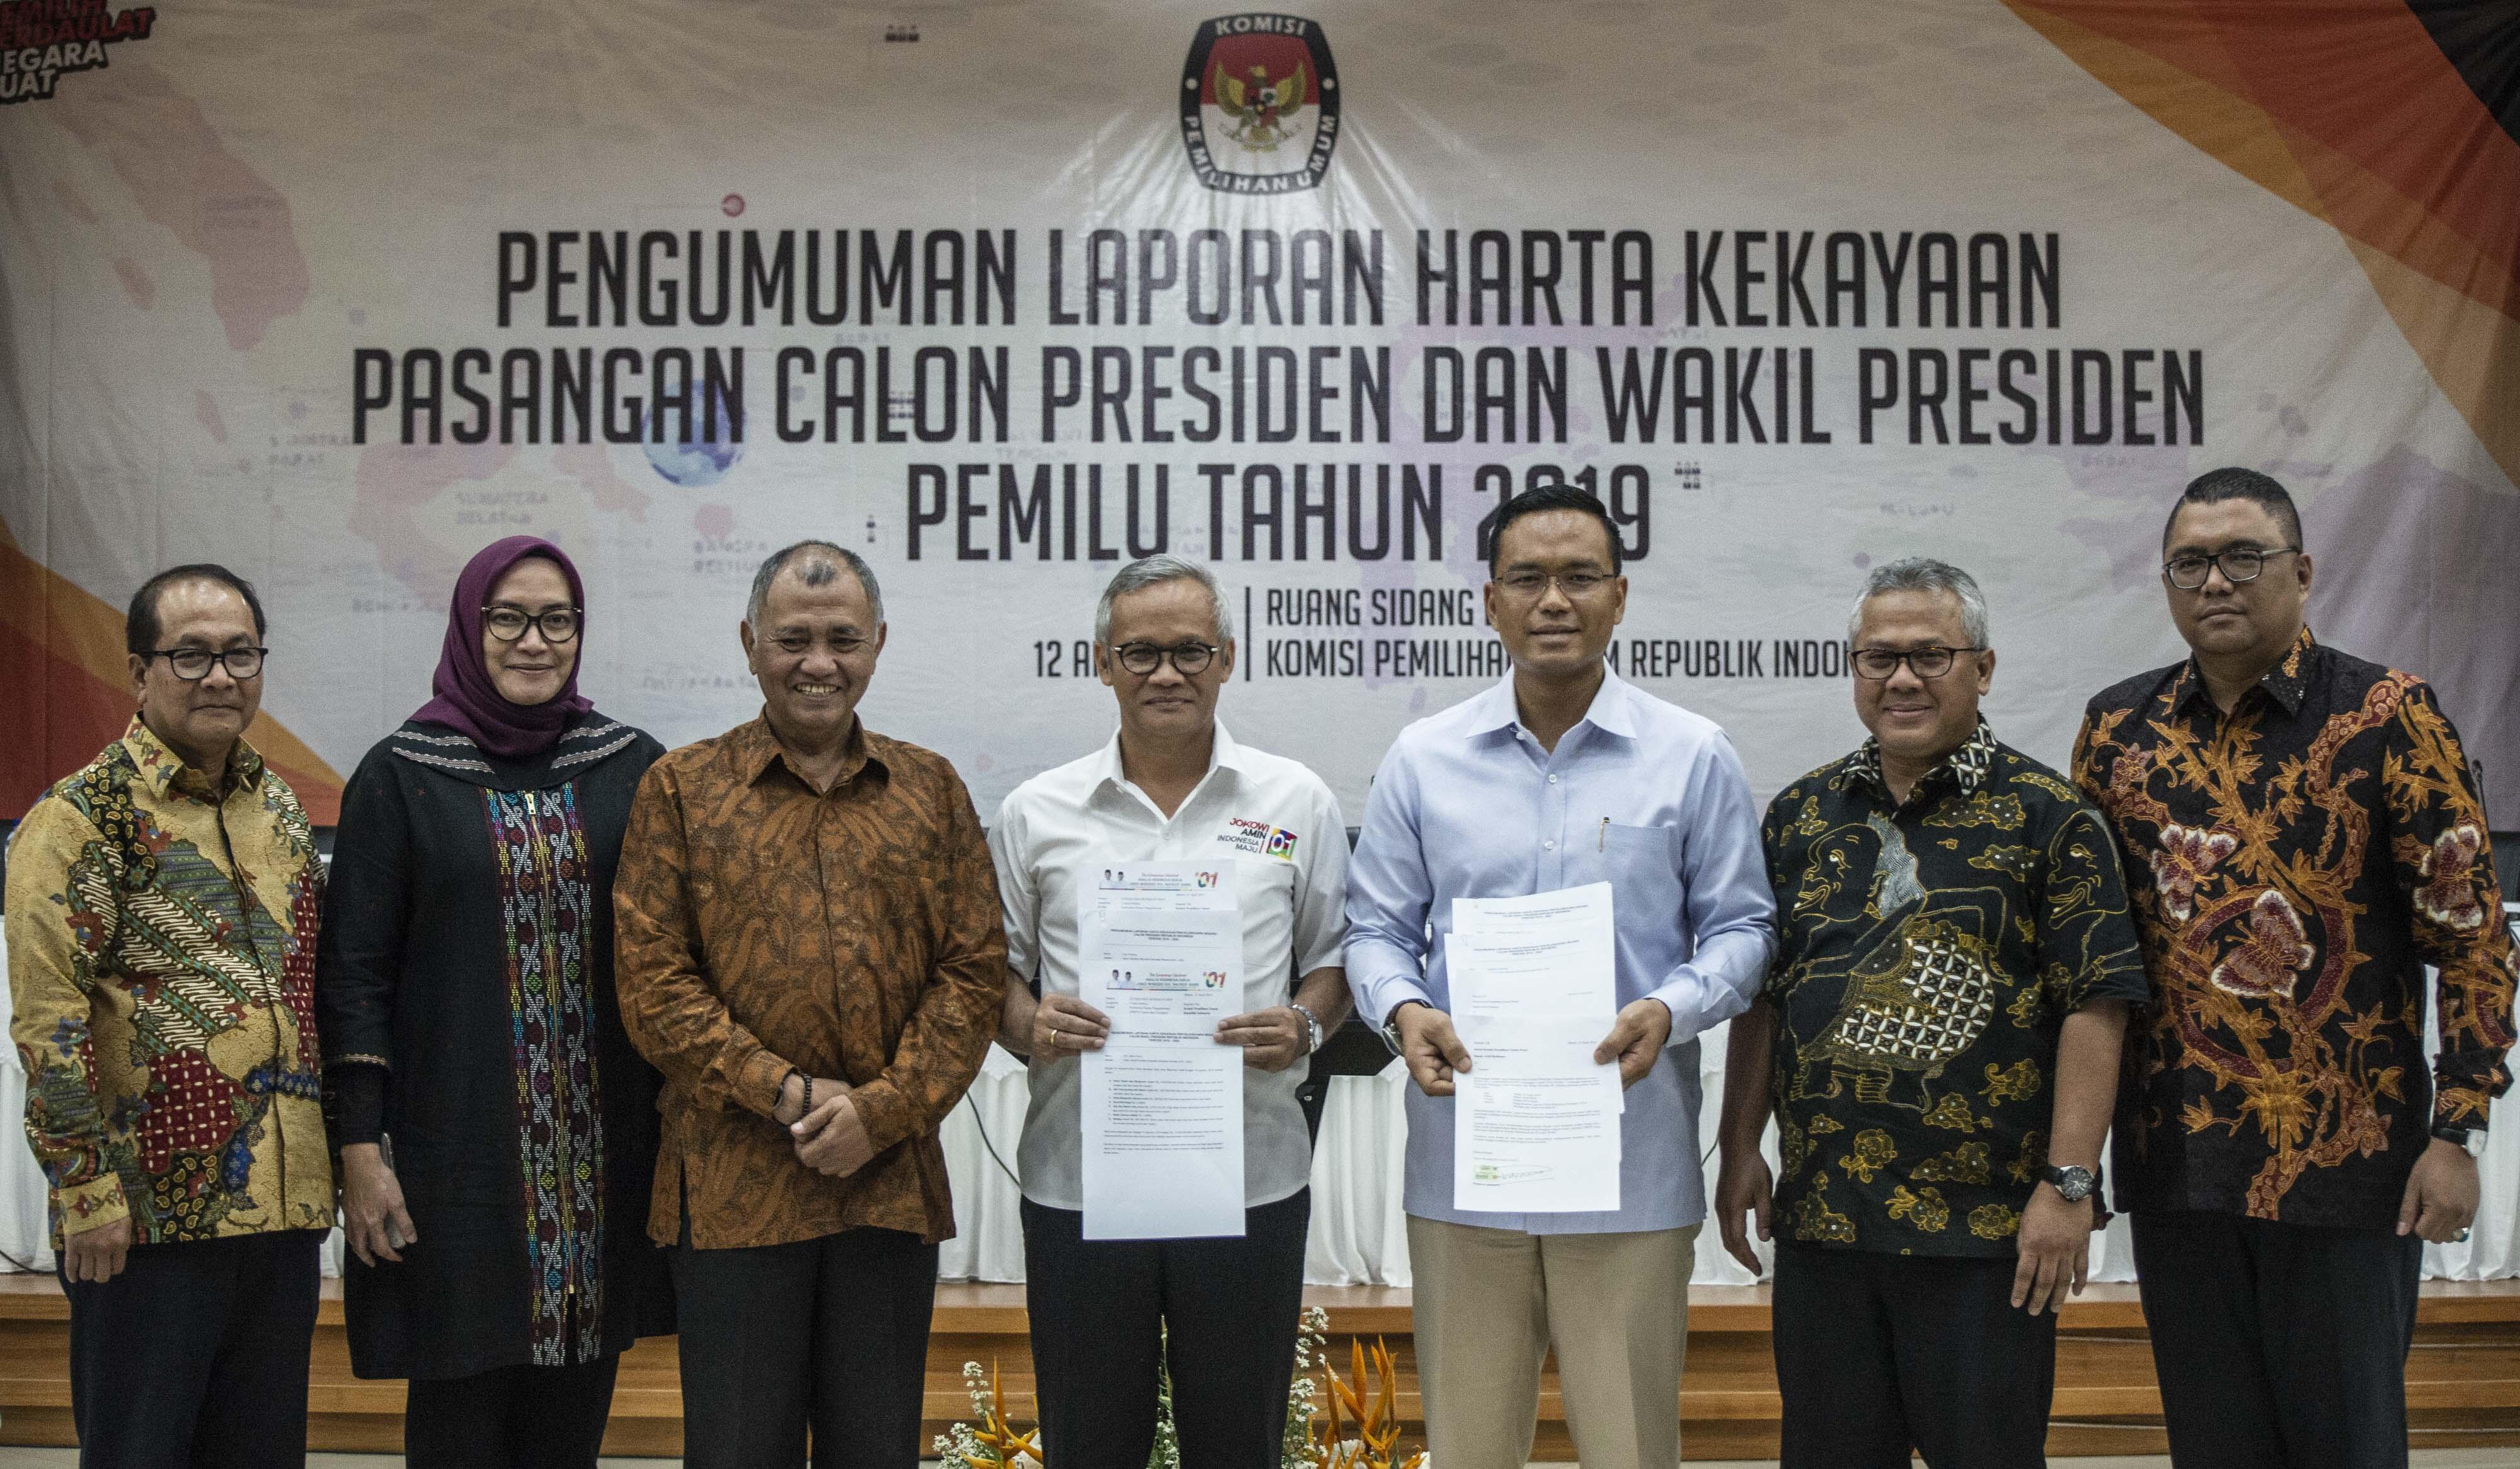 KPK dan KPU umumkan laporan harta kekayaan capres-cawapres